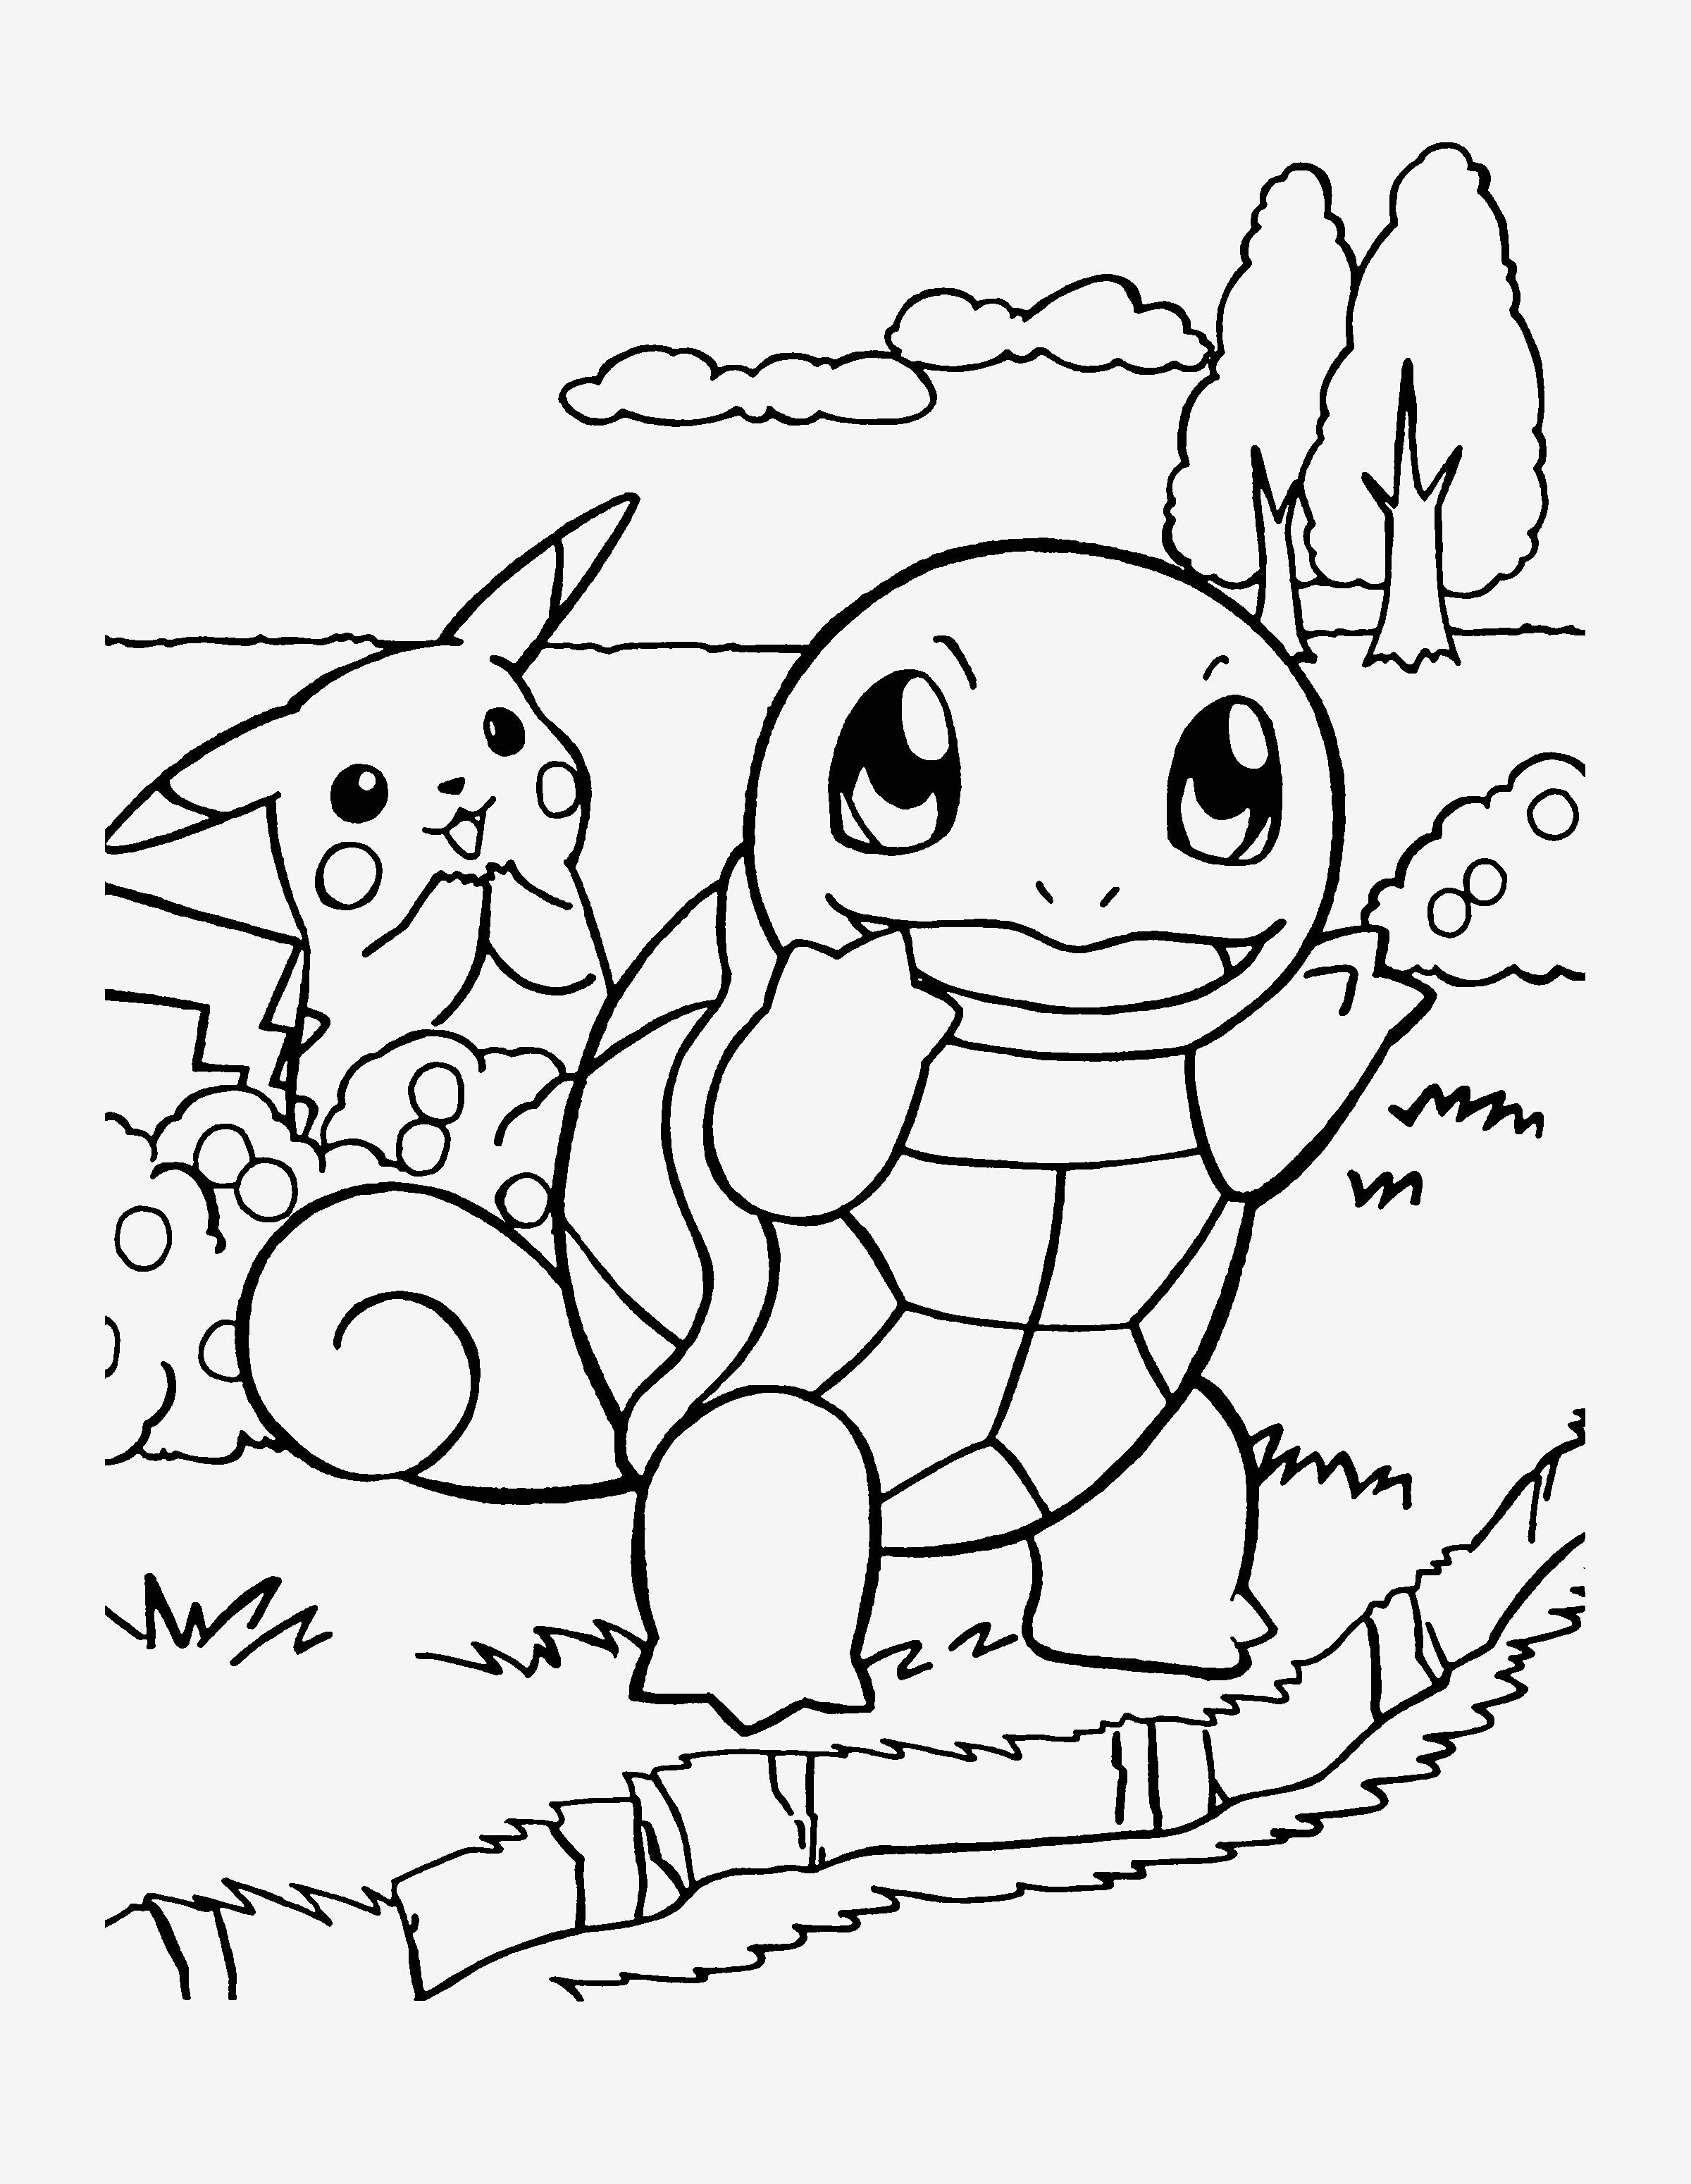 Pokemon Bilder Zum Ausmalen Frisch Spannende Coloring Bilder Ausmalbilder Pokemon Pikachu Sammlung